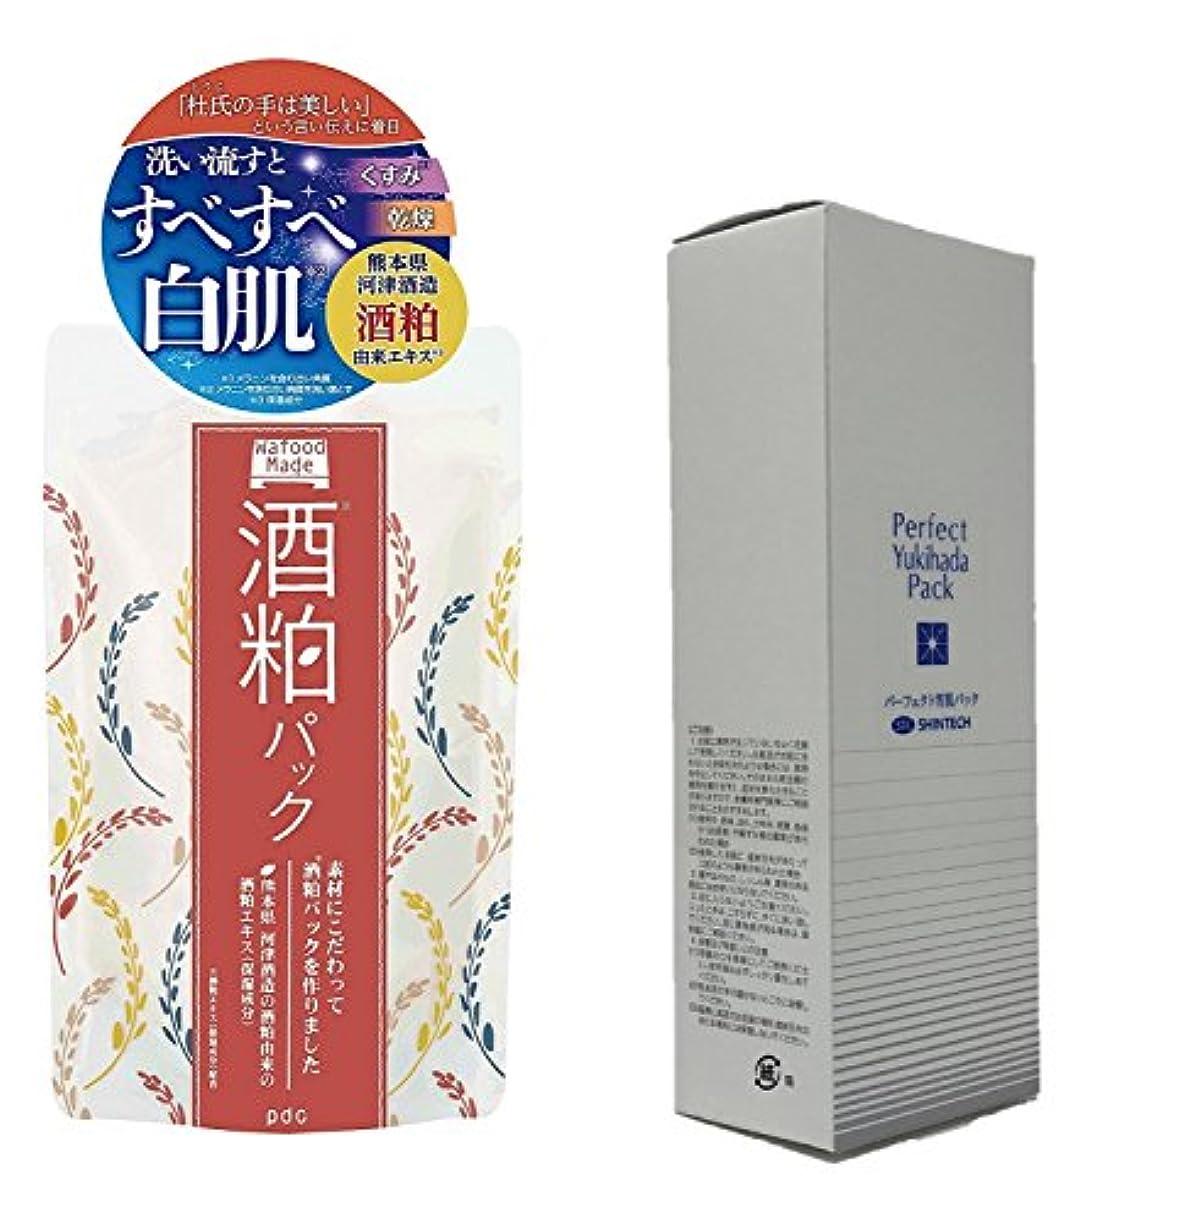 不機嫌着陸富豪(2017年日本製新商品)(pdcとSHINTECH)ワフードメイド 酒粕パック 170g と パーフェクト雪肌フェイスパック 130g 日本製(お買2個セット)